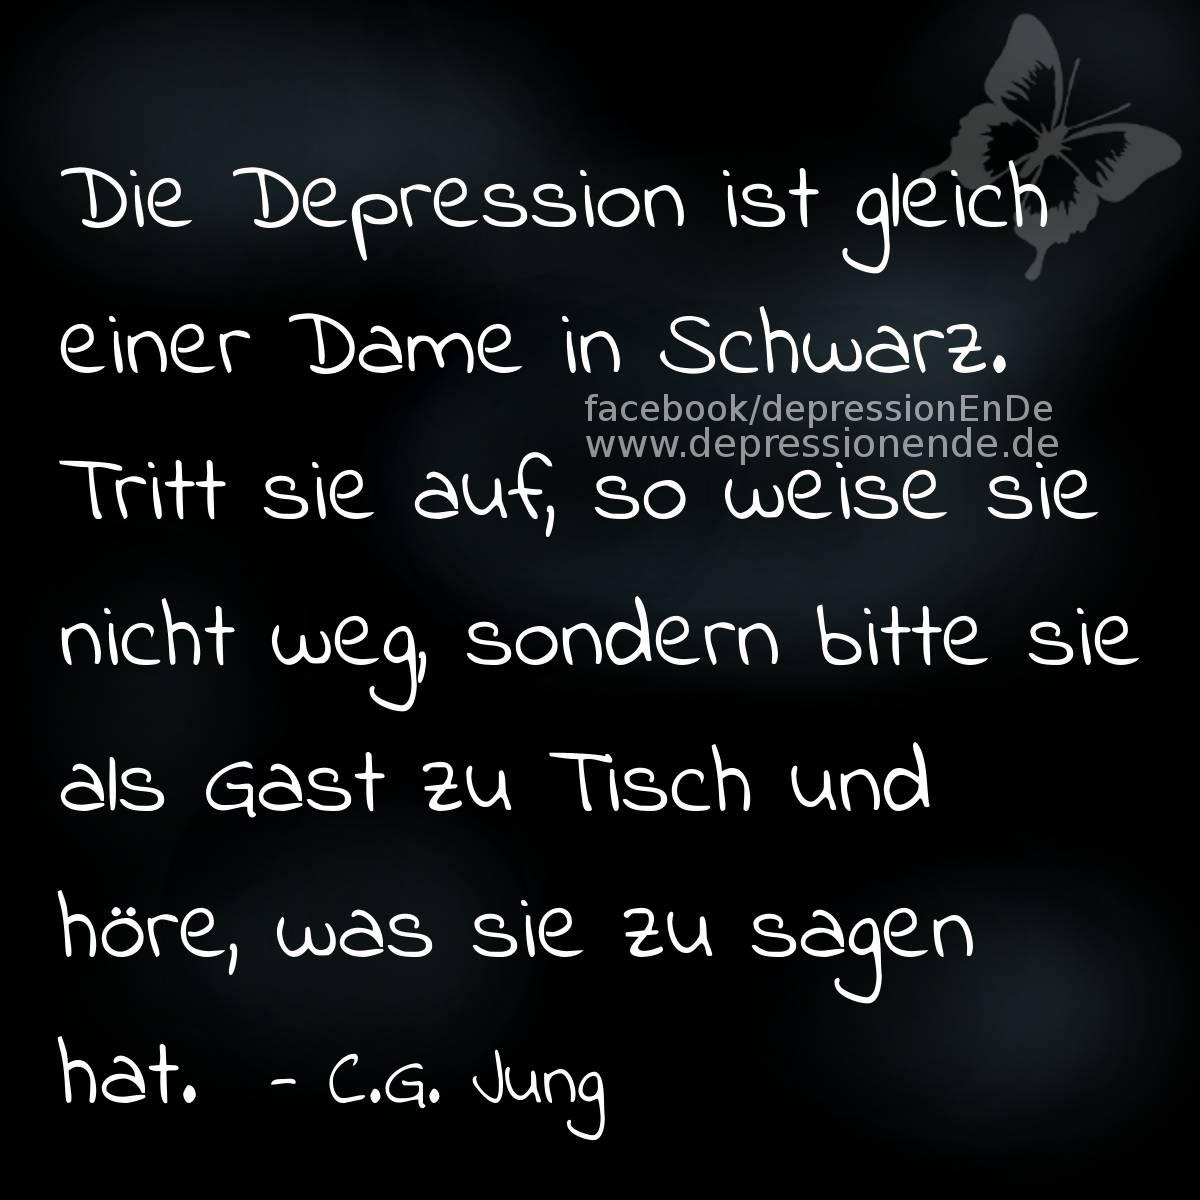 aufbauende sprüche gegen depressionen Genug Aufbauende SprüChe Bei Depressionen #HT98 | Startupjobsfa aufbauende sprüche gegen depressionen